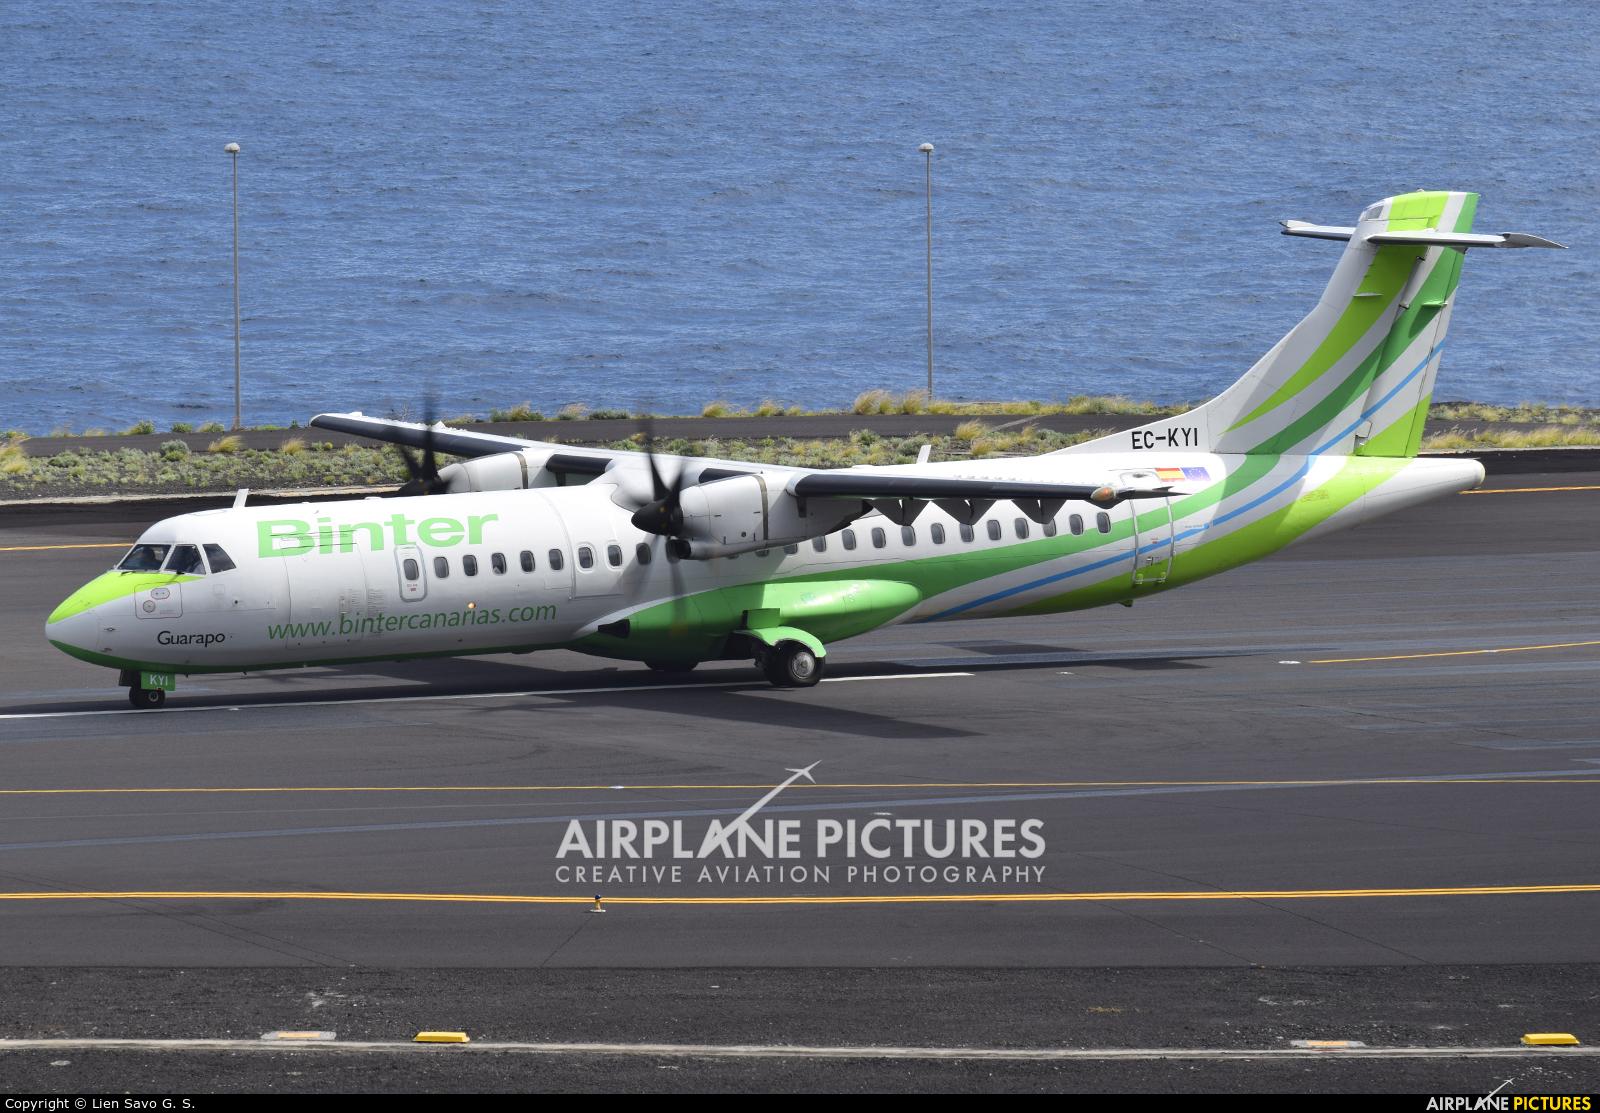 Binter Canarias EC-KYI aircraft at Santa Cruz de La Palma